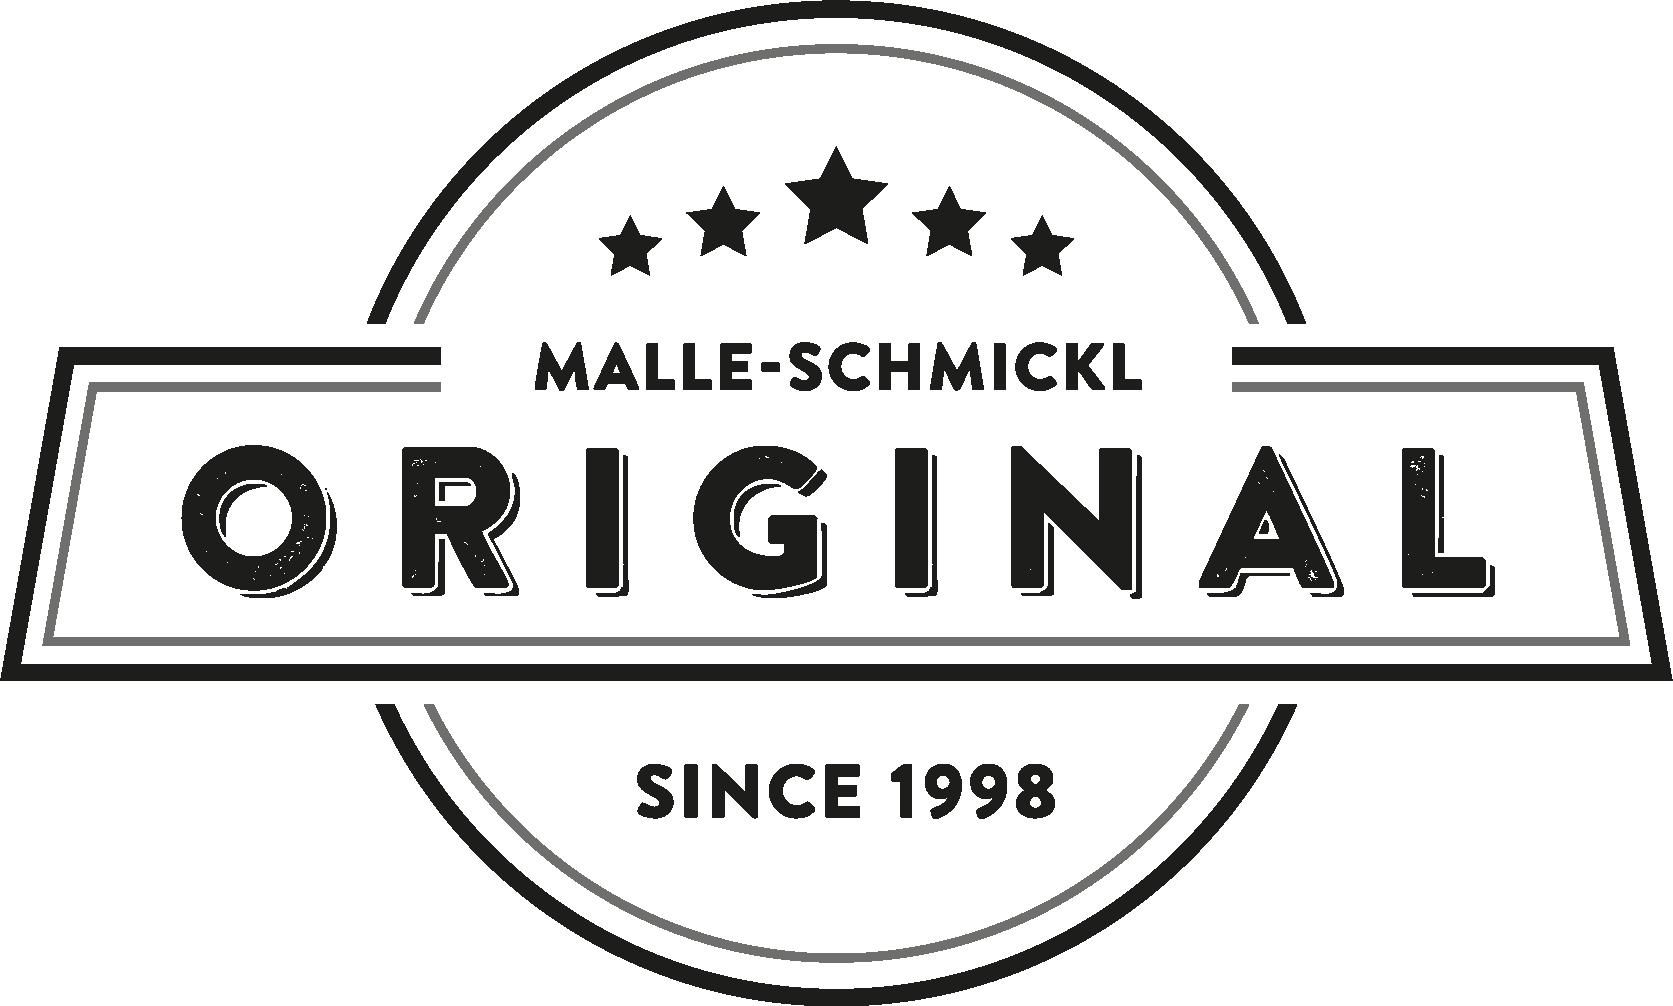 Original seal